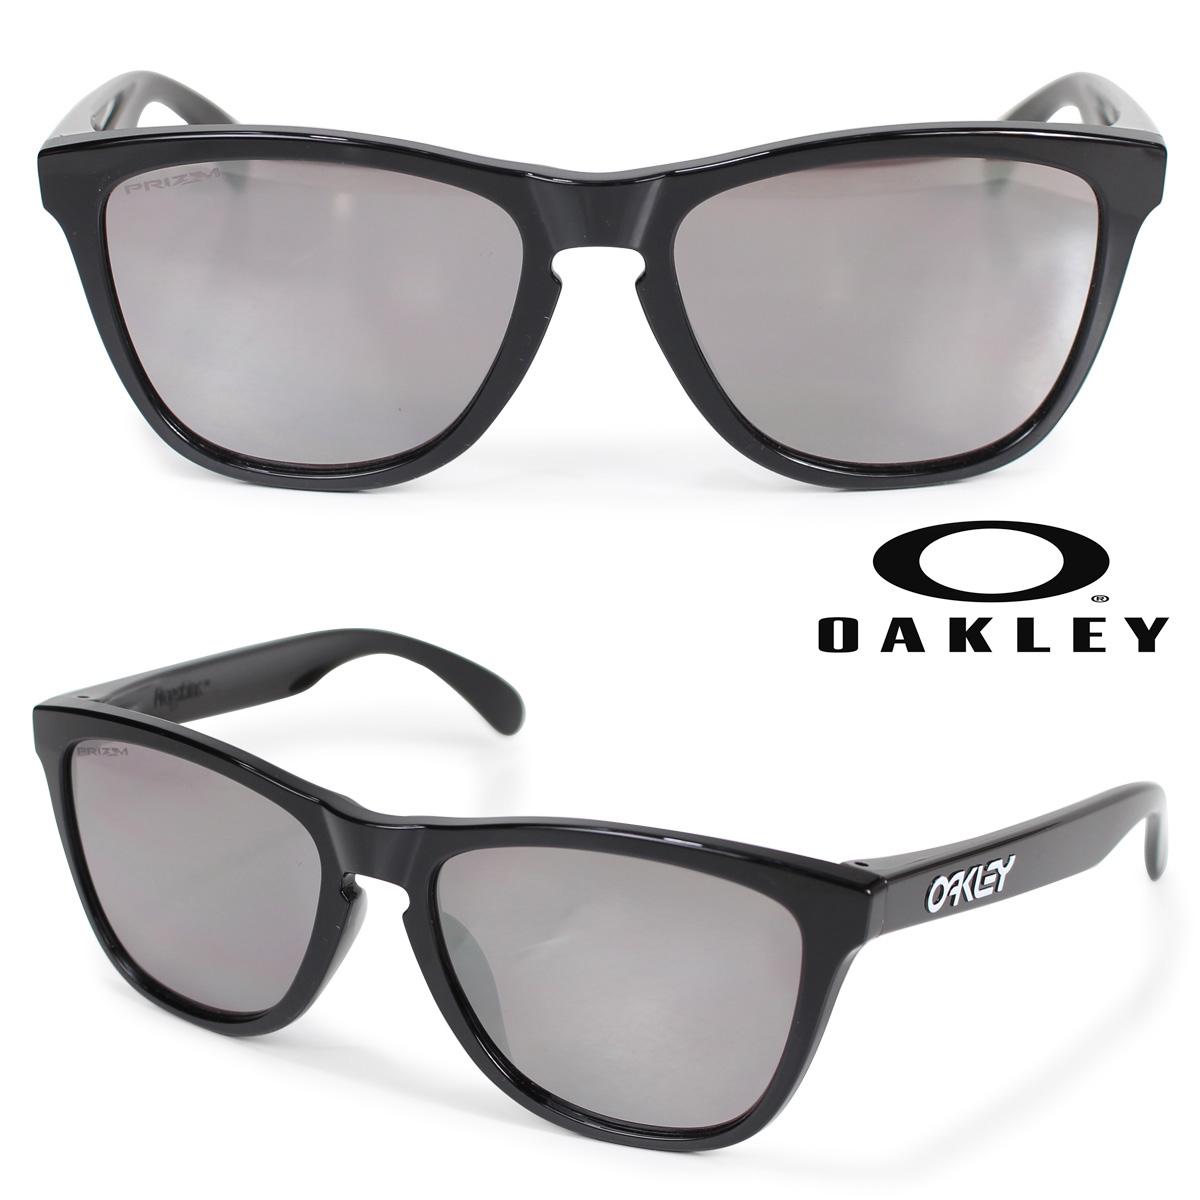 Oakley サングラス アジアンフィット オークリー Frogskins フロッグスキン ASIA FIT メンズ レディース ブラック OO9245-6254